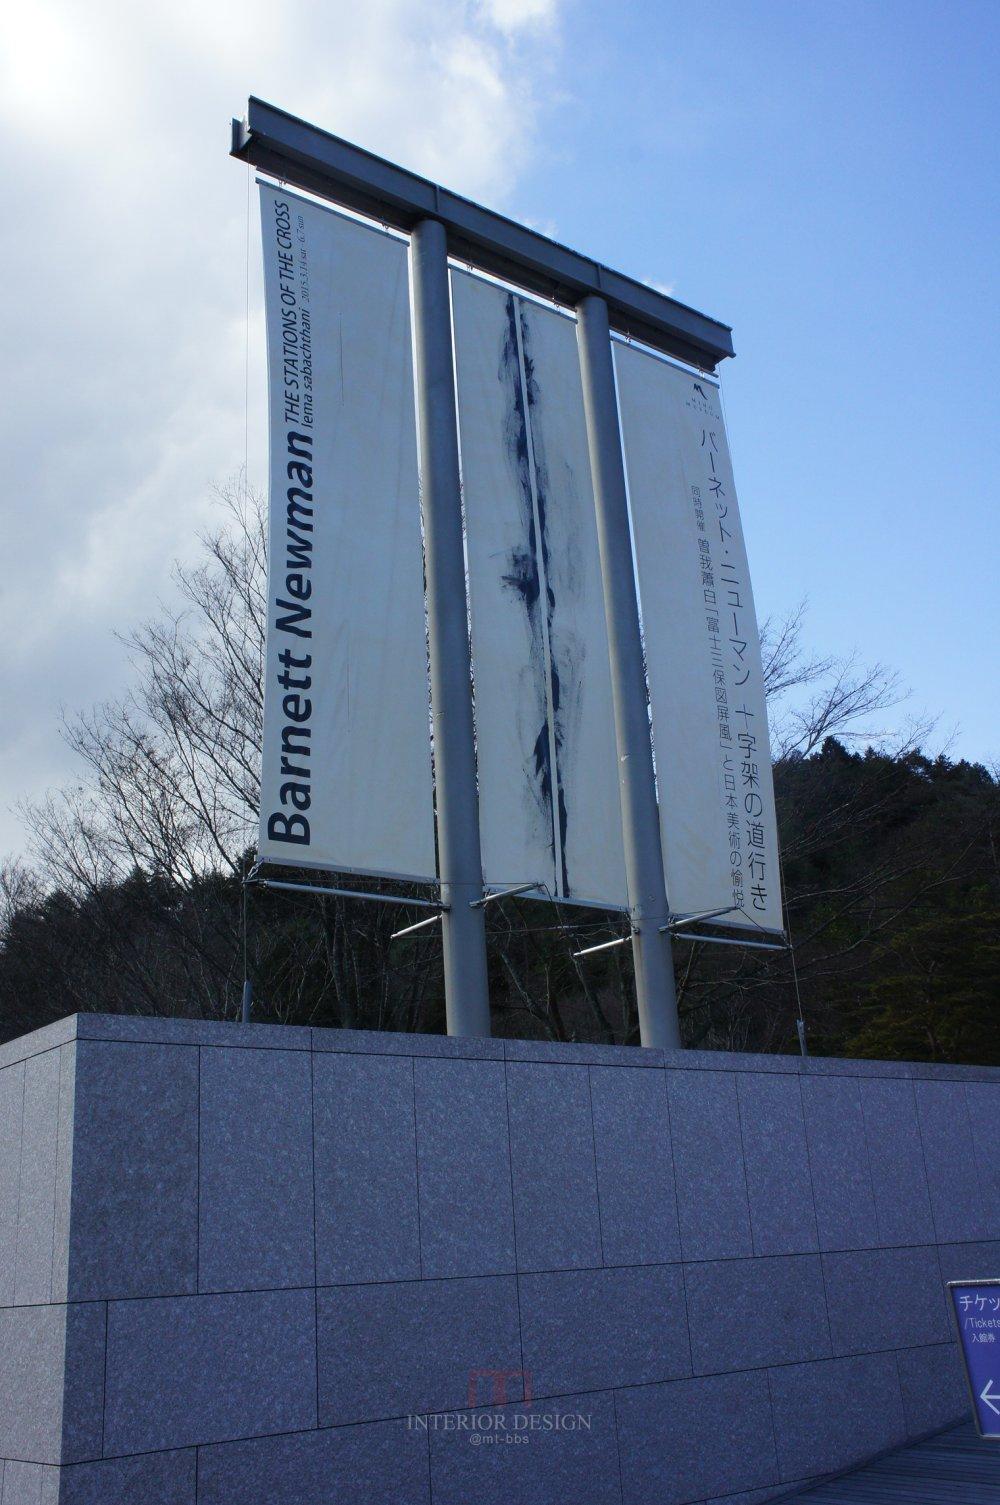 日本美秀美术馆MIHO MUSEUM自拍分享-贝聿铭_DSC06393.JPG